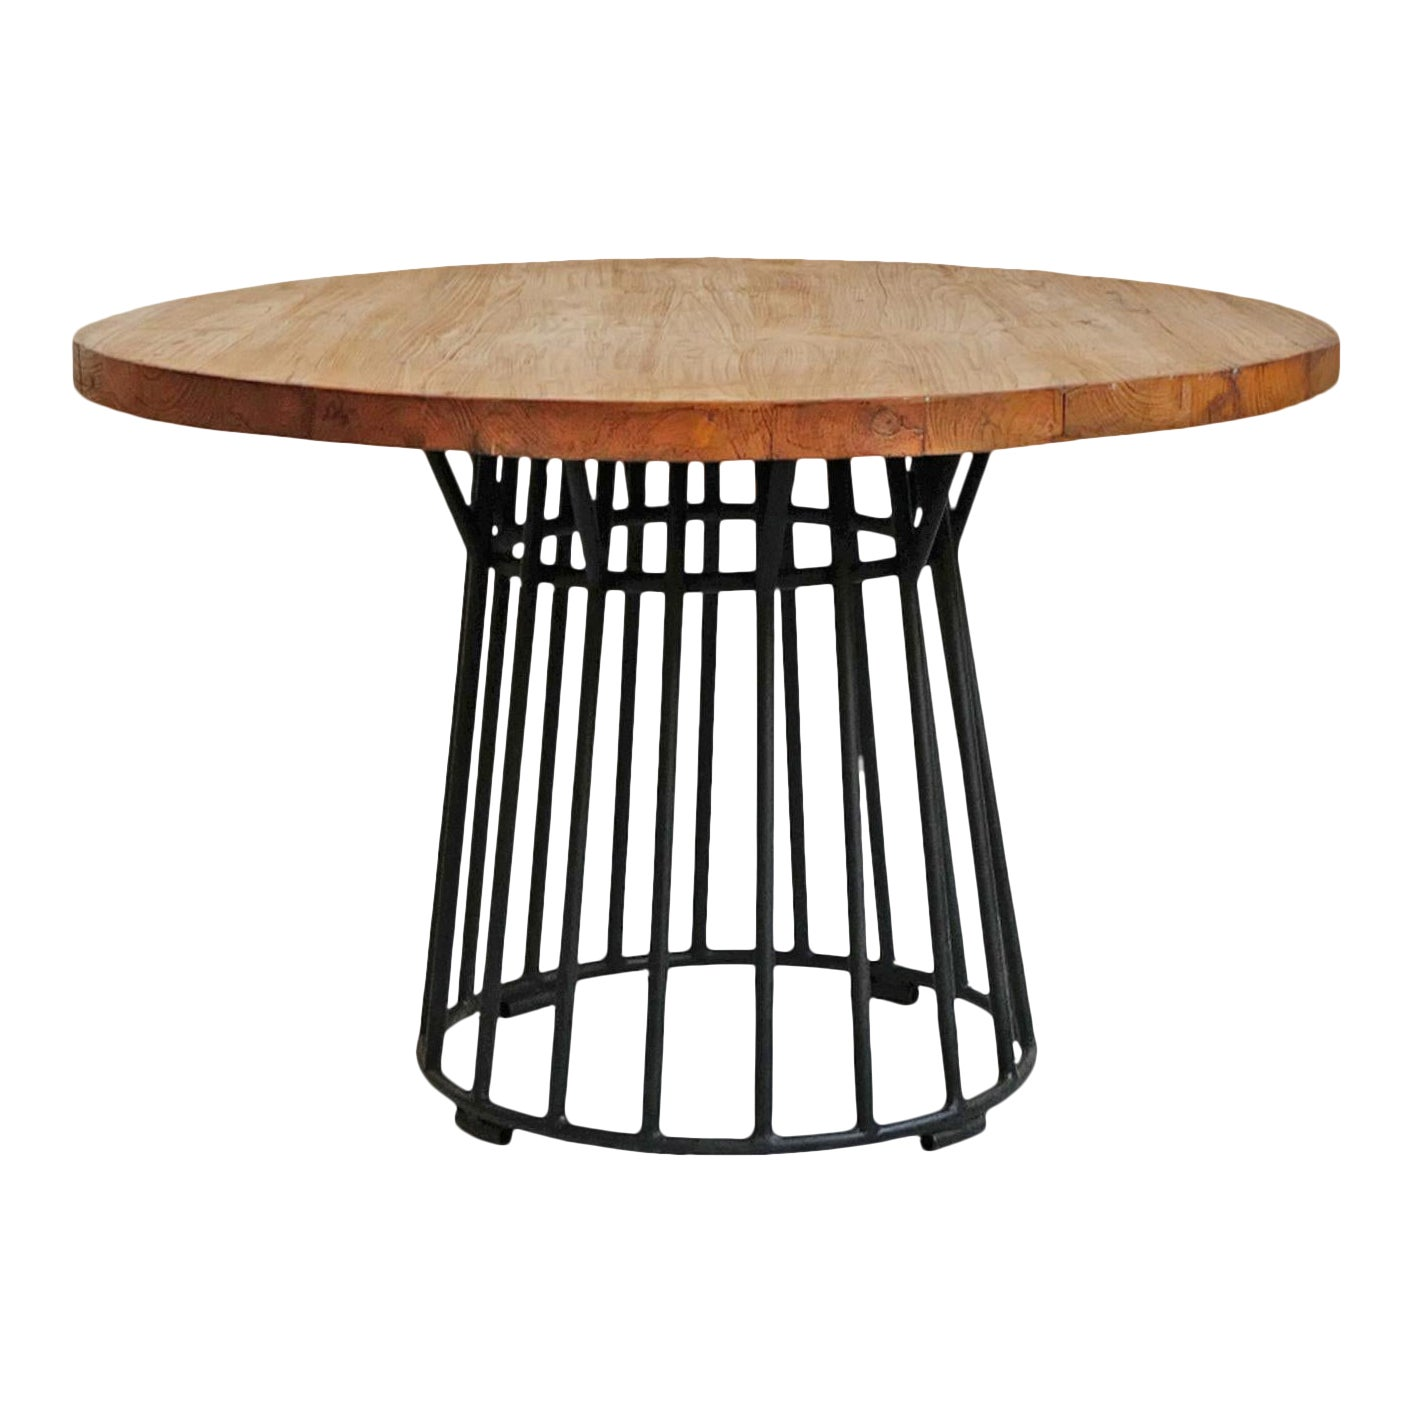 Modern Round Teak Iron Dining Table Chairish